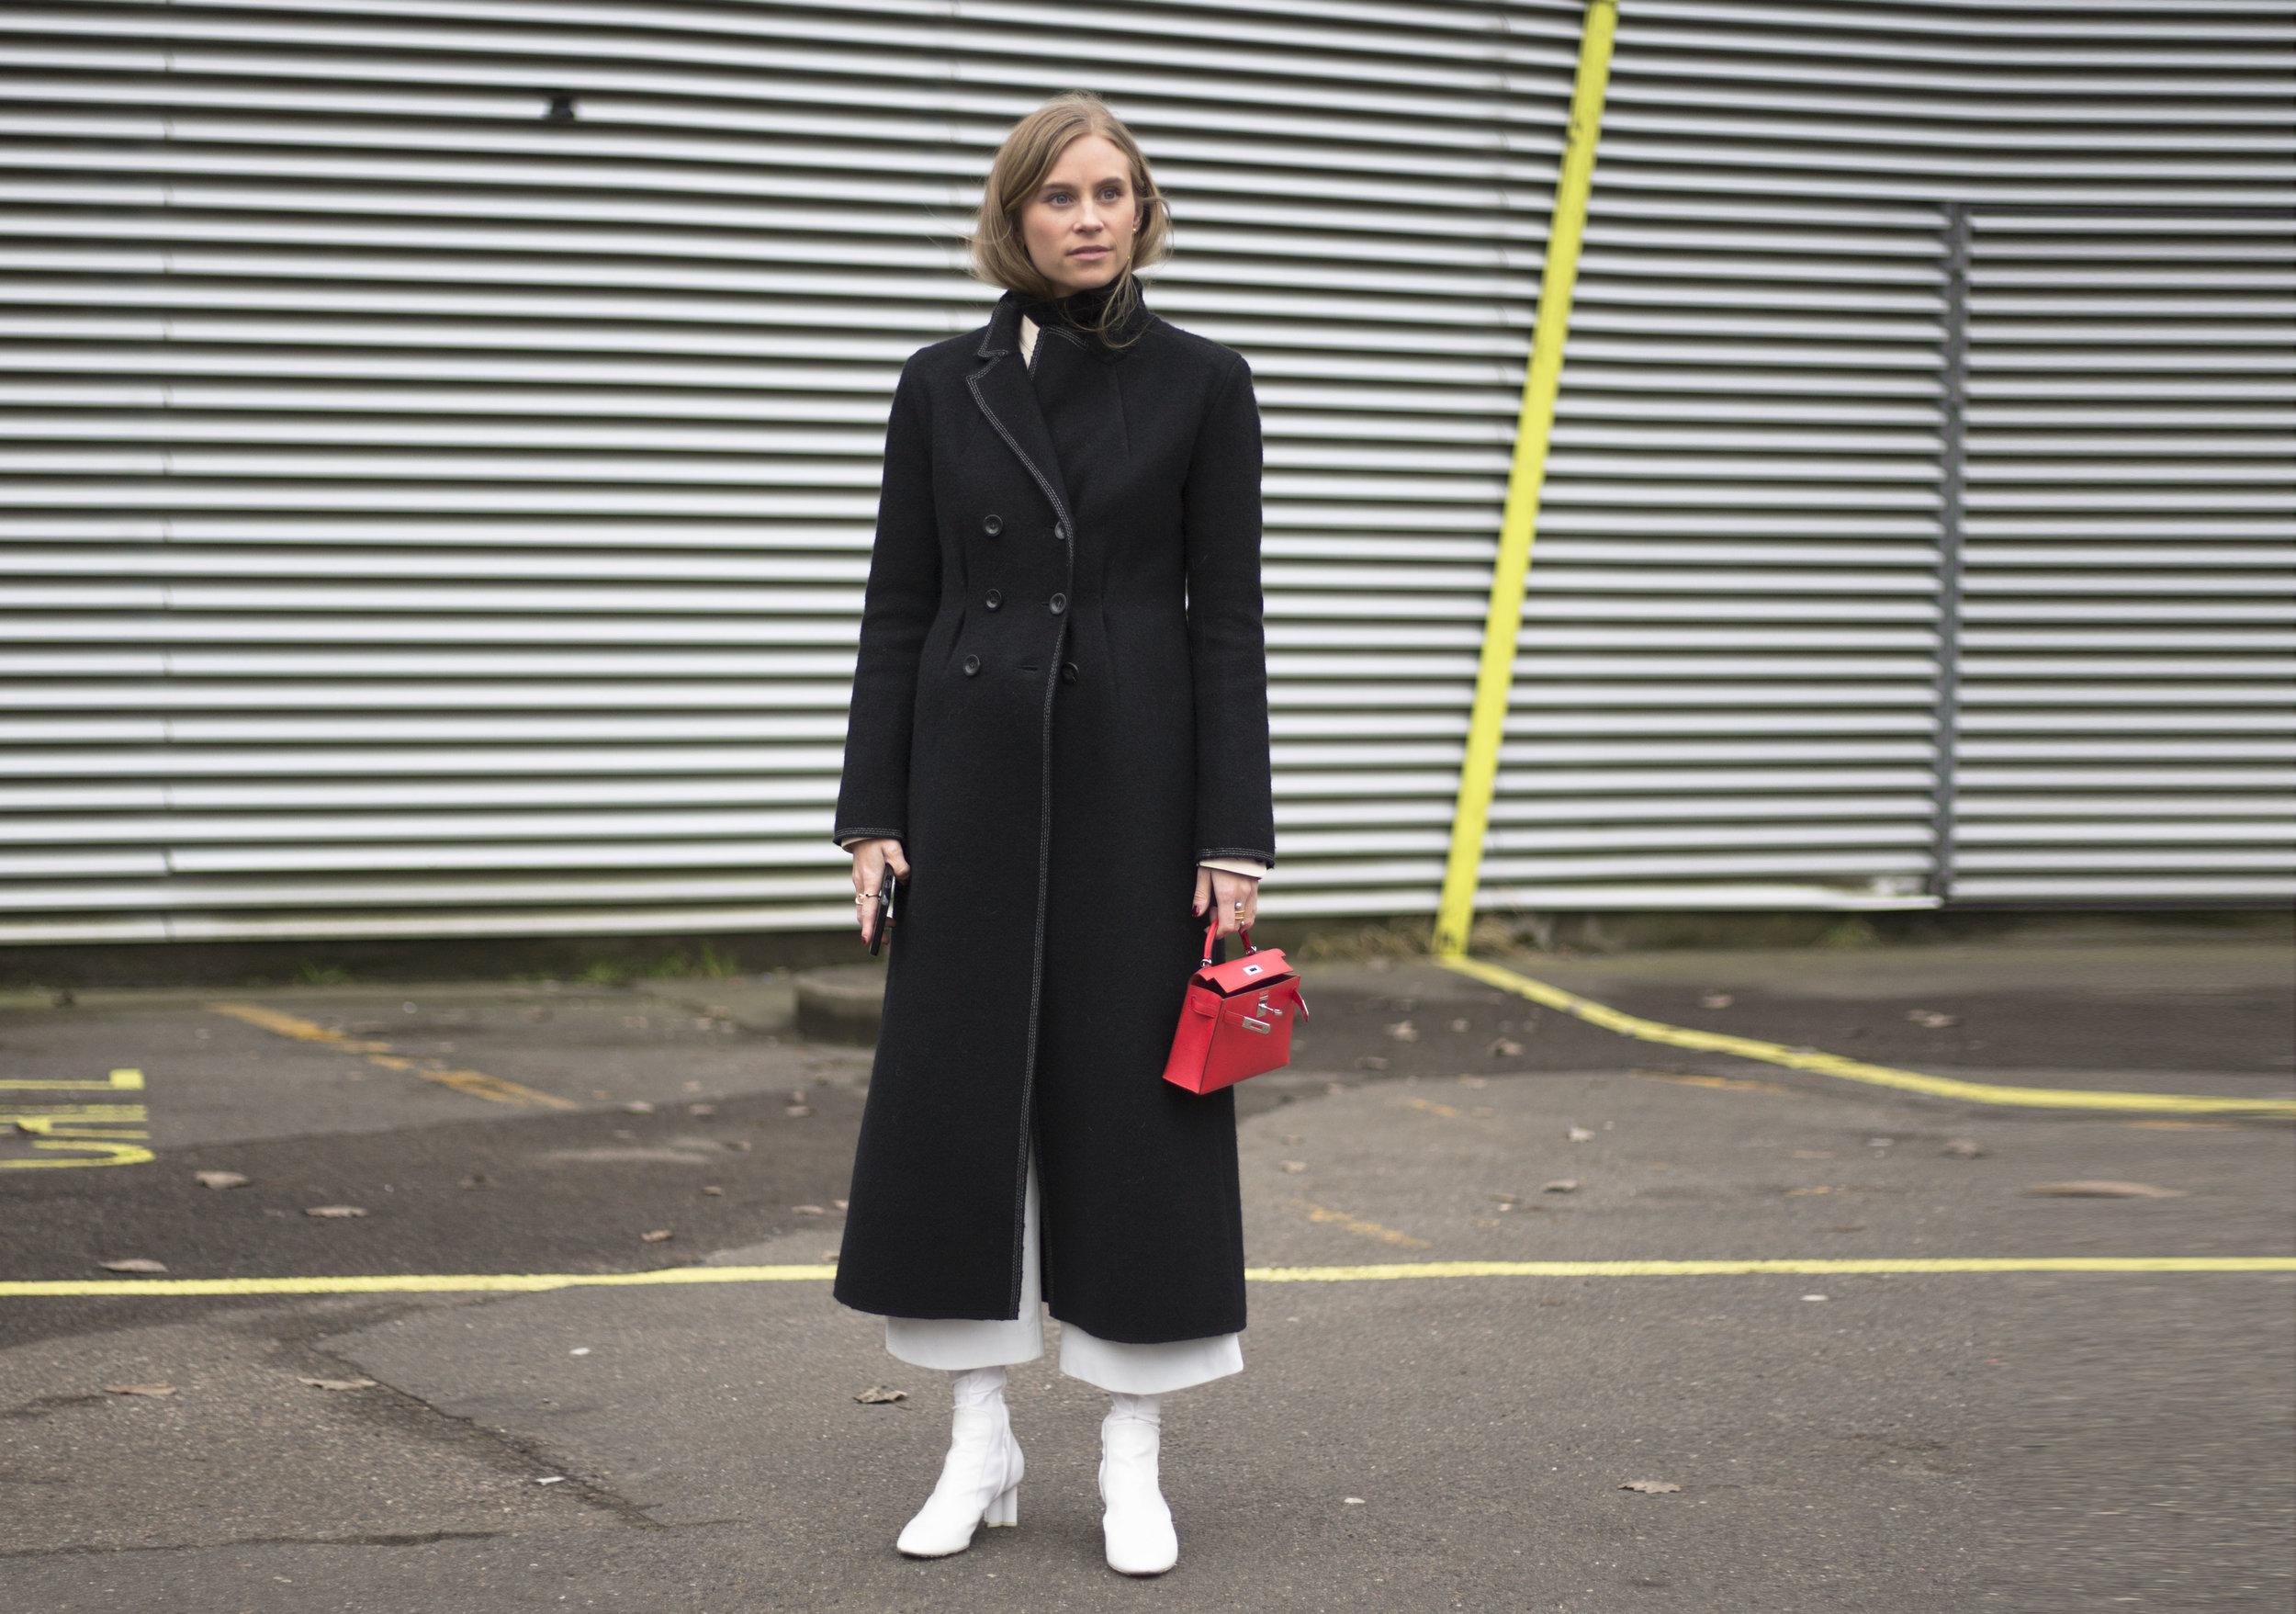 tine-andrea-copenhagen-fashion-week-scandinavian-street-style-streetstyle-thestreetland-fashion-best-style.jpg